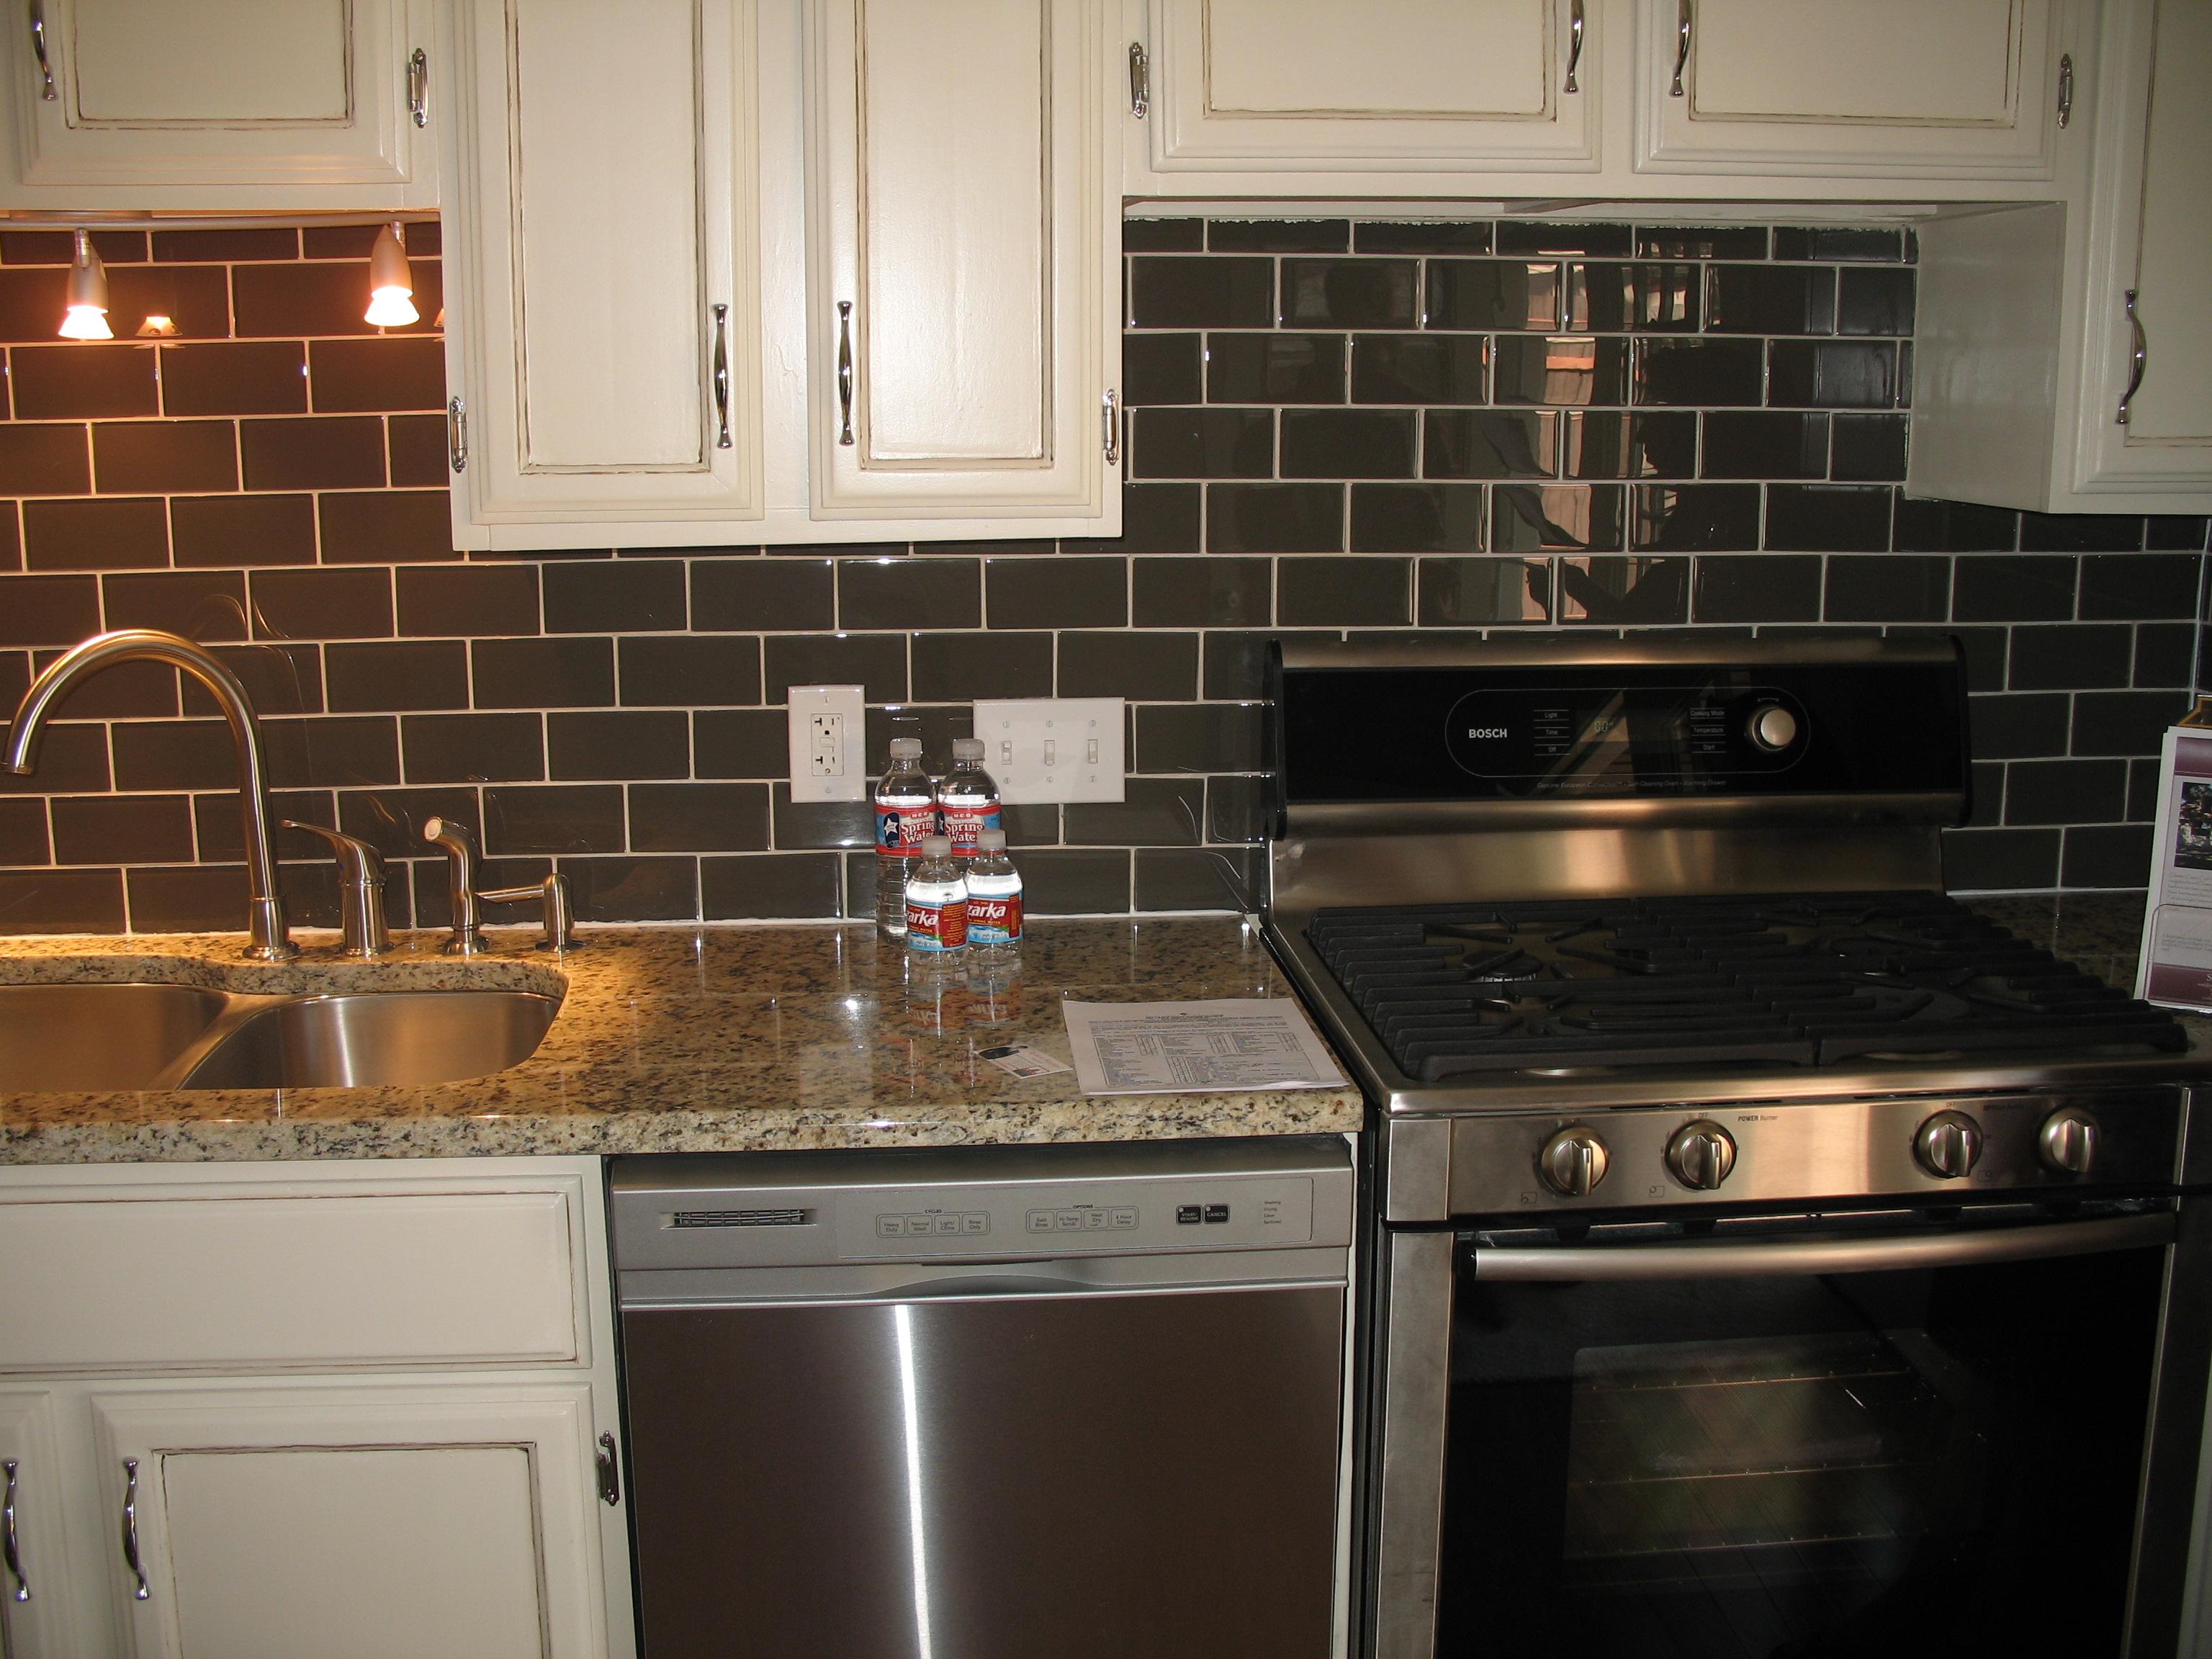 Cucina con piastrelle scure cucina con piastrelle scure supereva